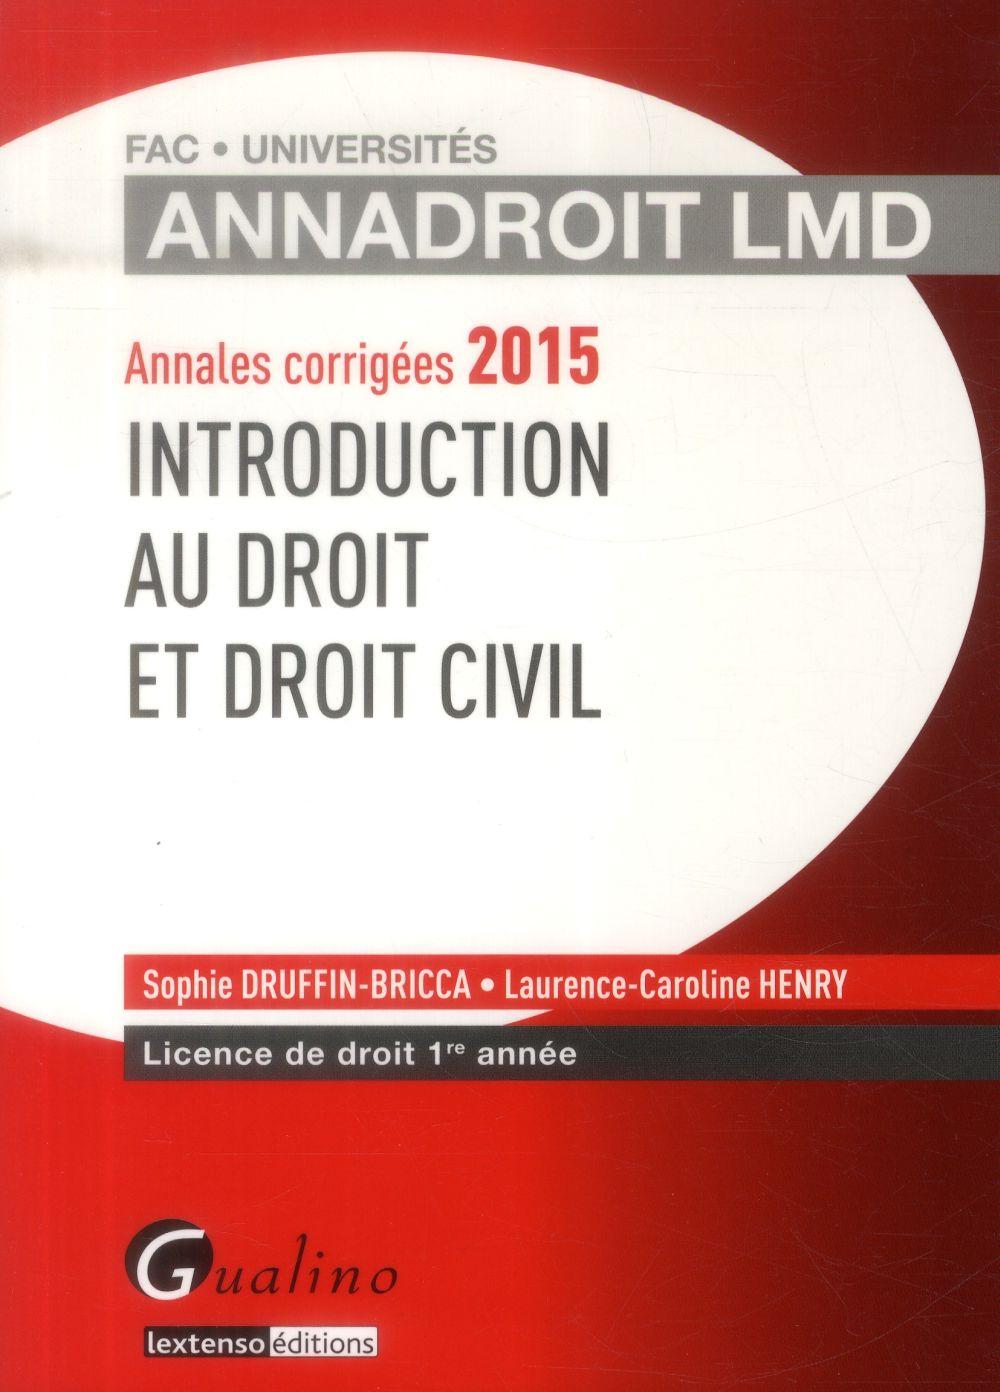 Introduction au droit et droit civil (16e édition)